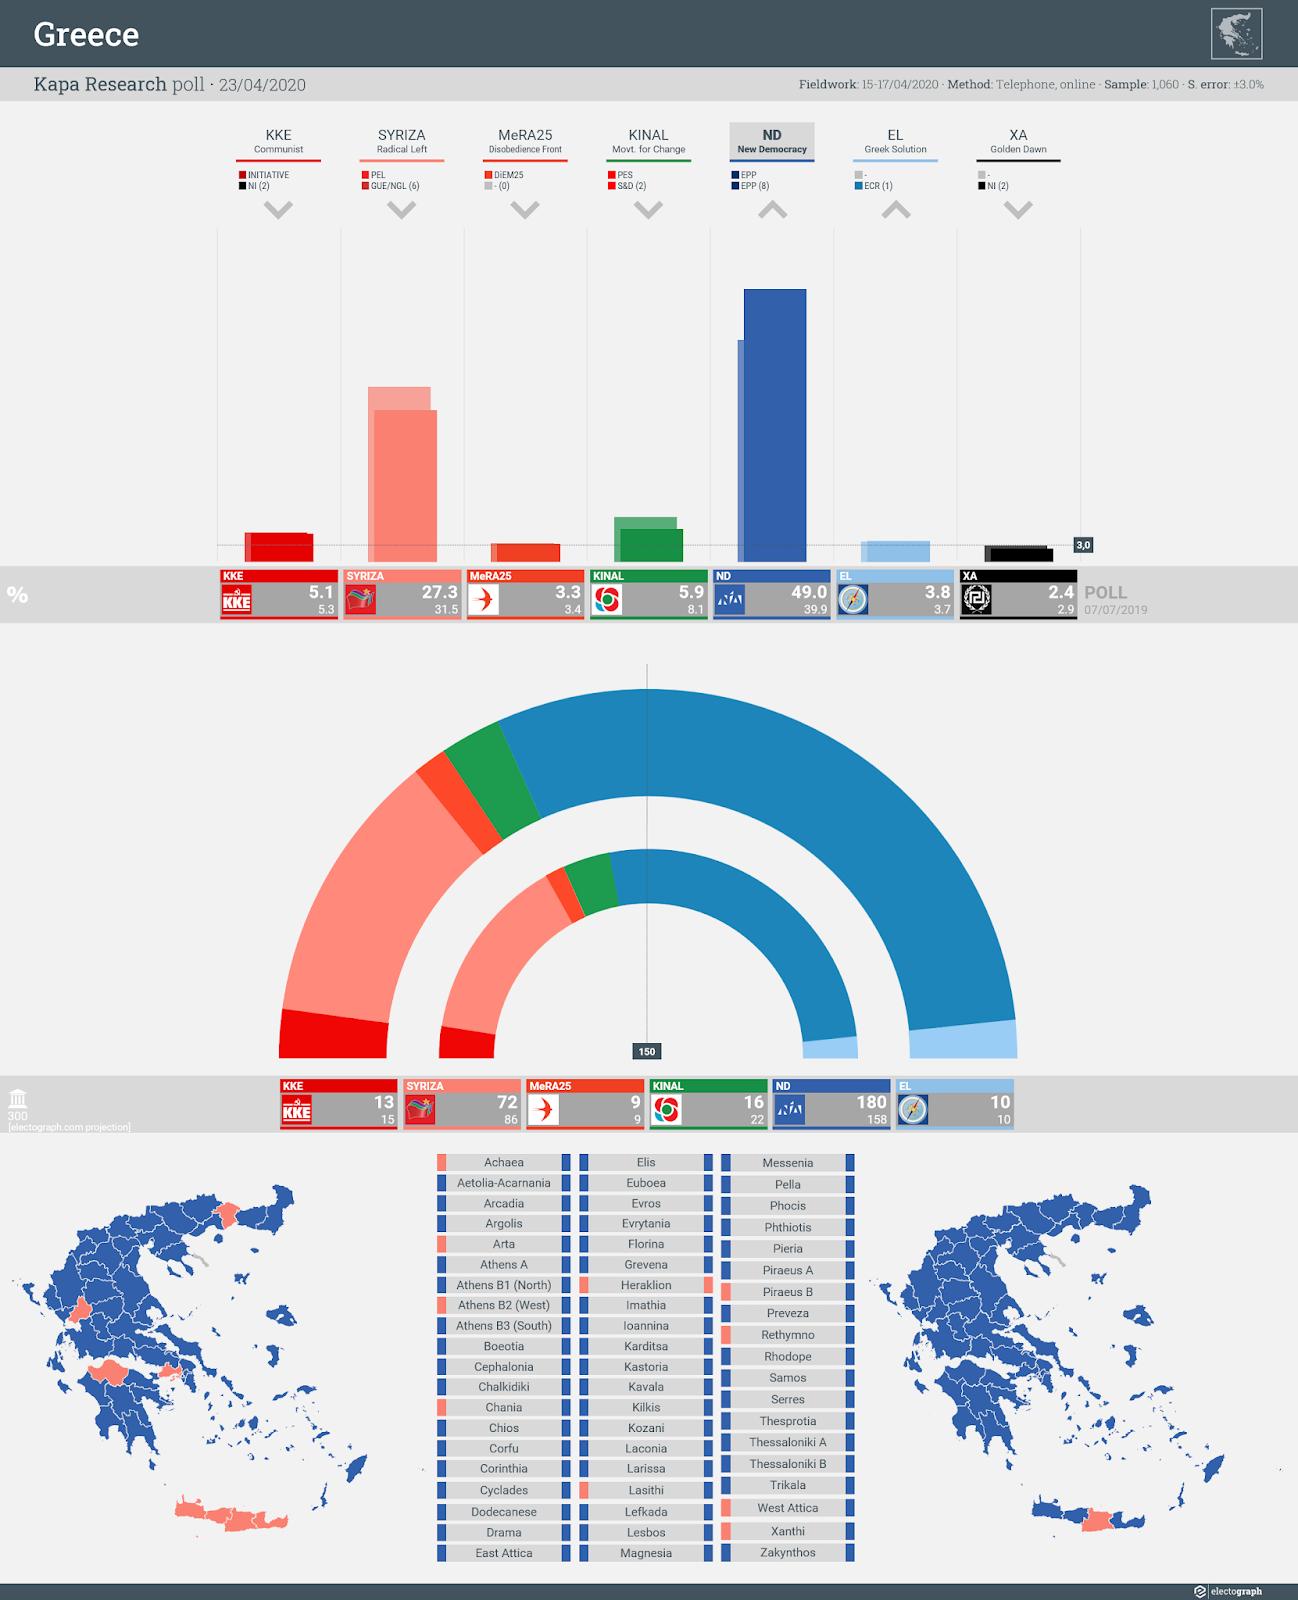 GREECE: Kapa Research poll chart, 23 April 2020